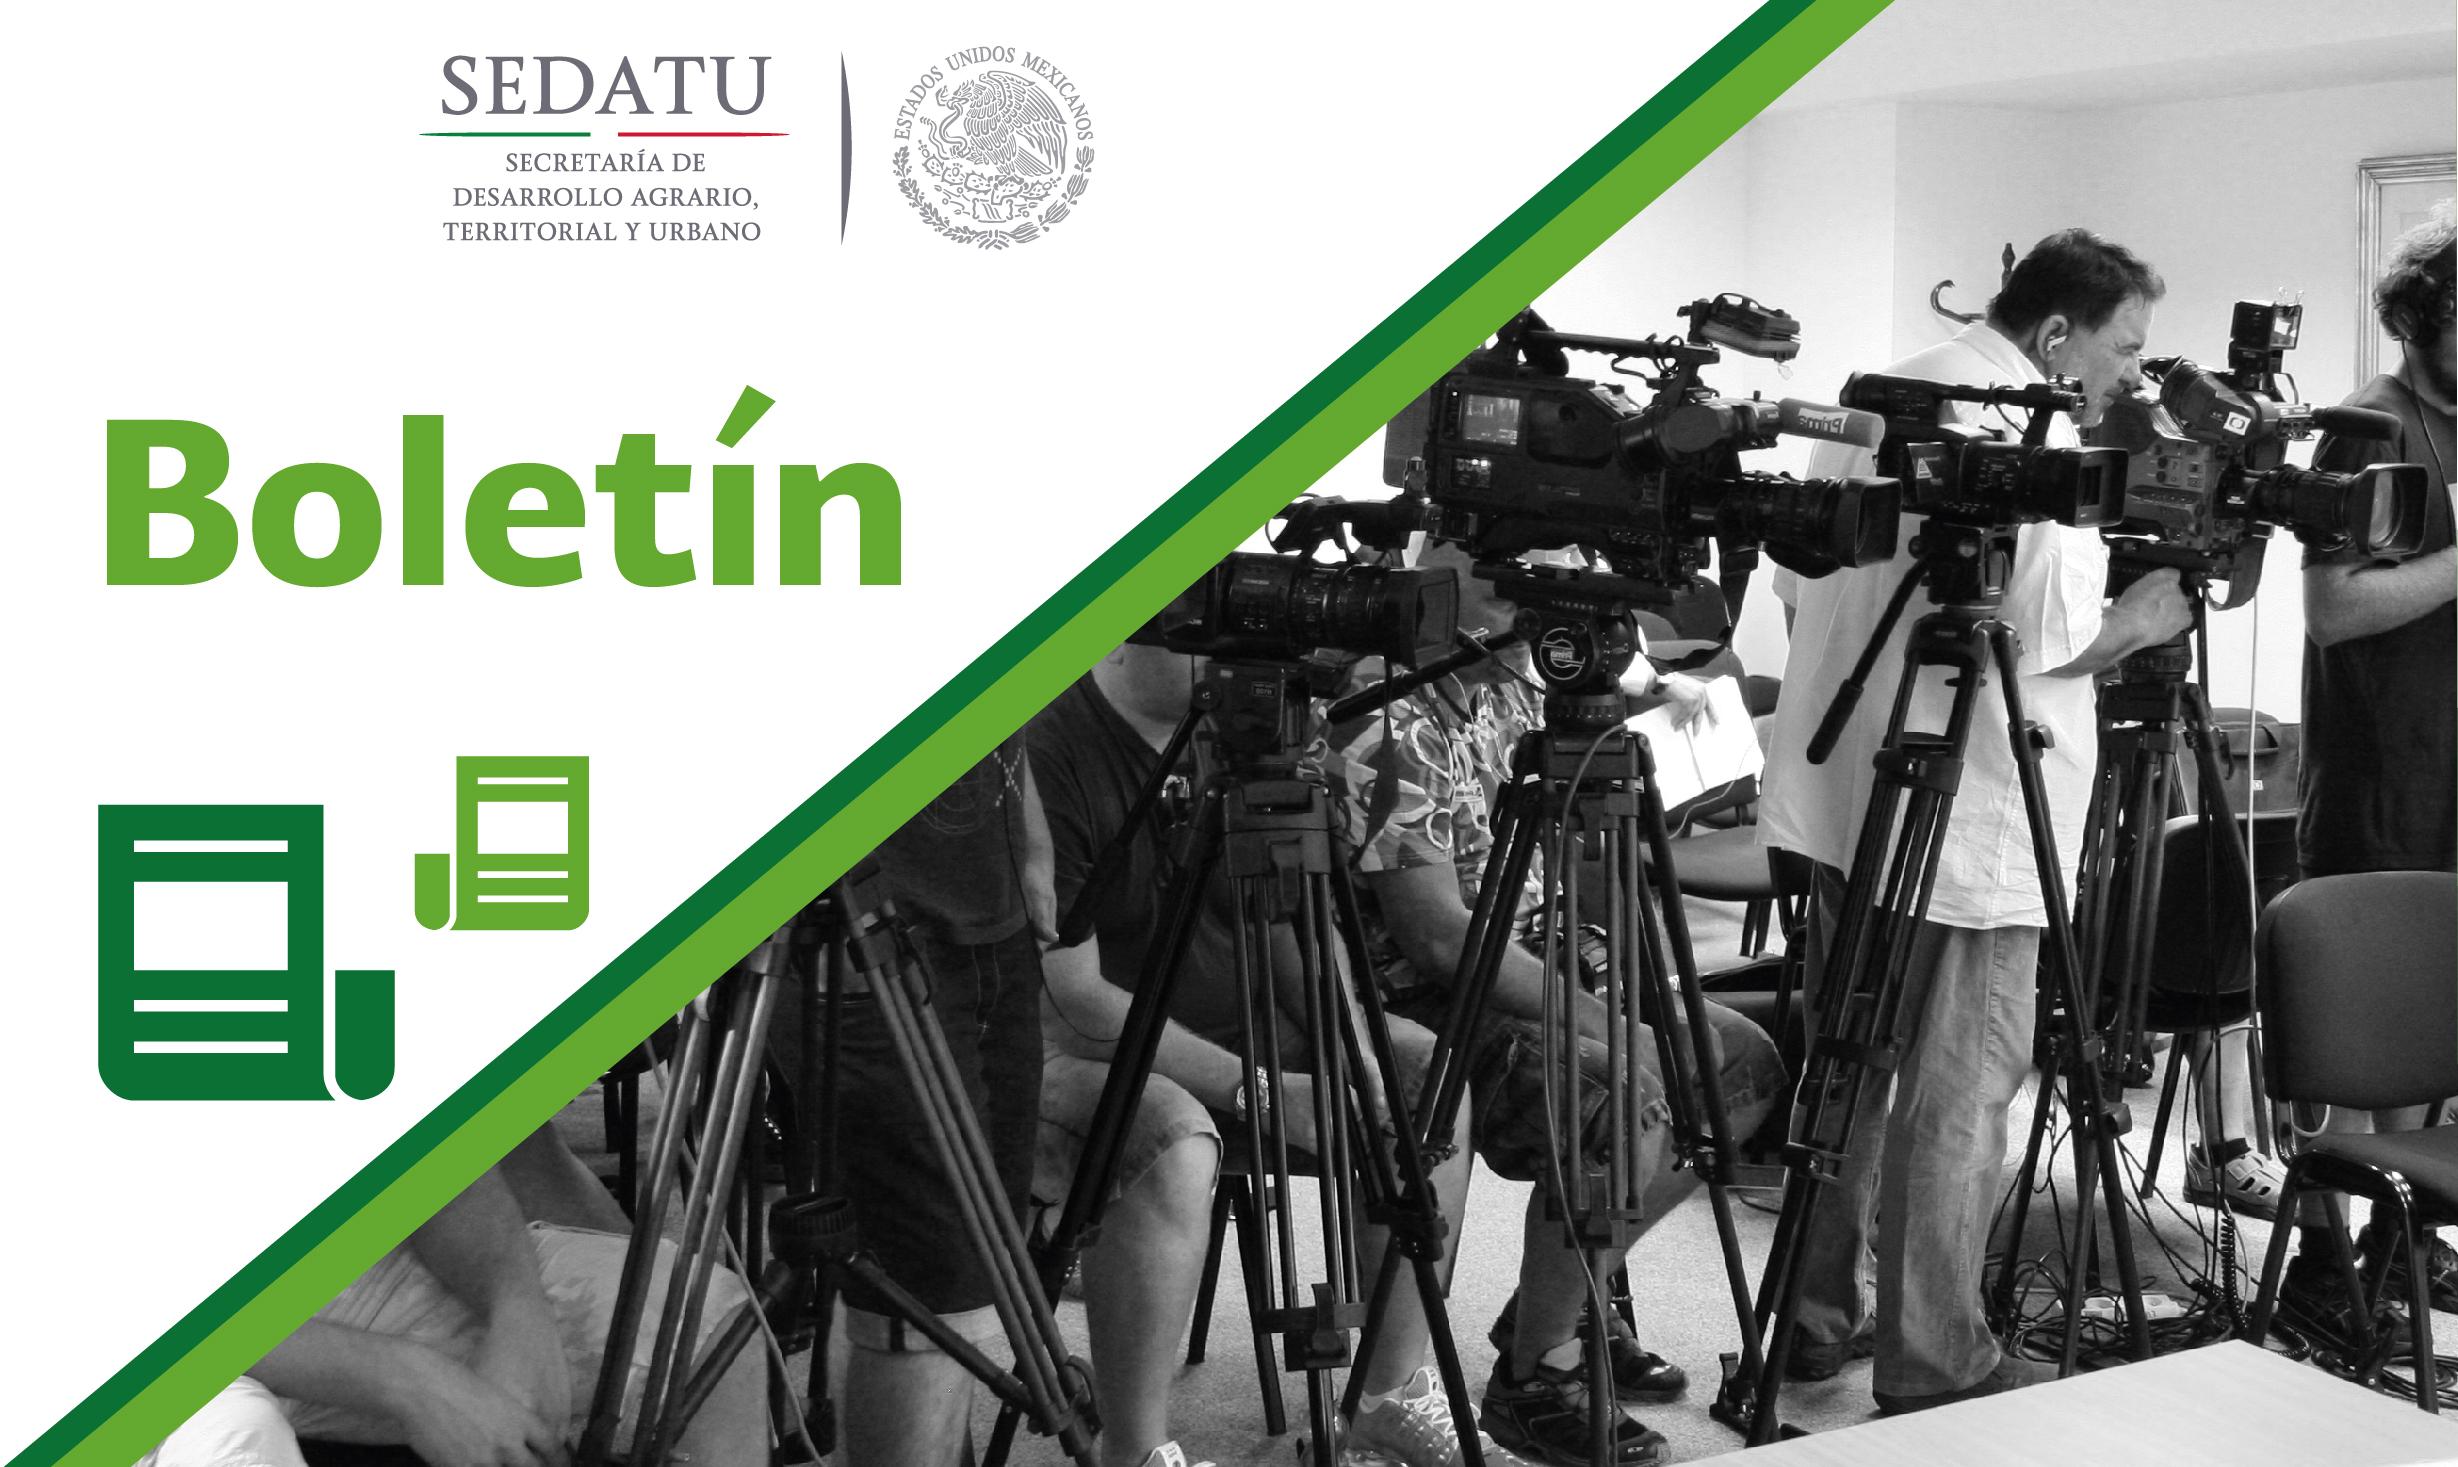 Recorrerá la titular de SEDATU la isla de Cozumel para entregar espacios deportivos y de recreación para beneficio de la ciudadanía